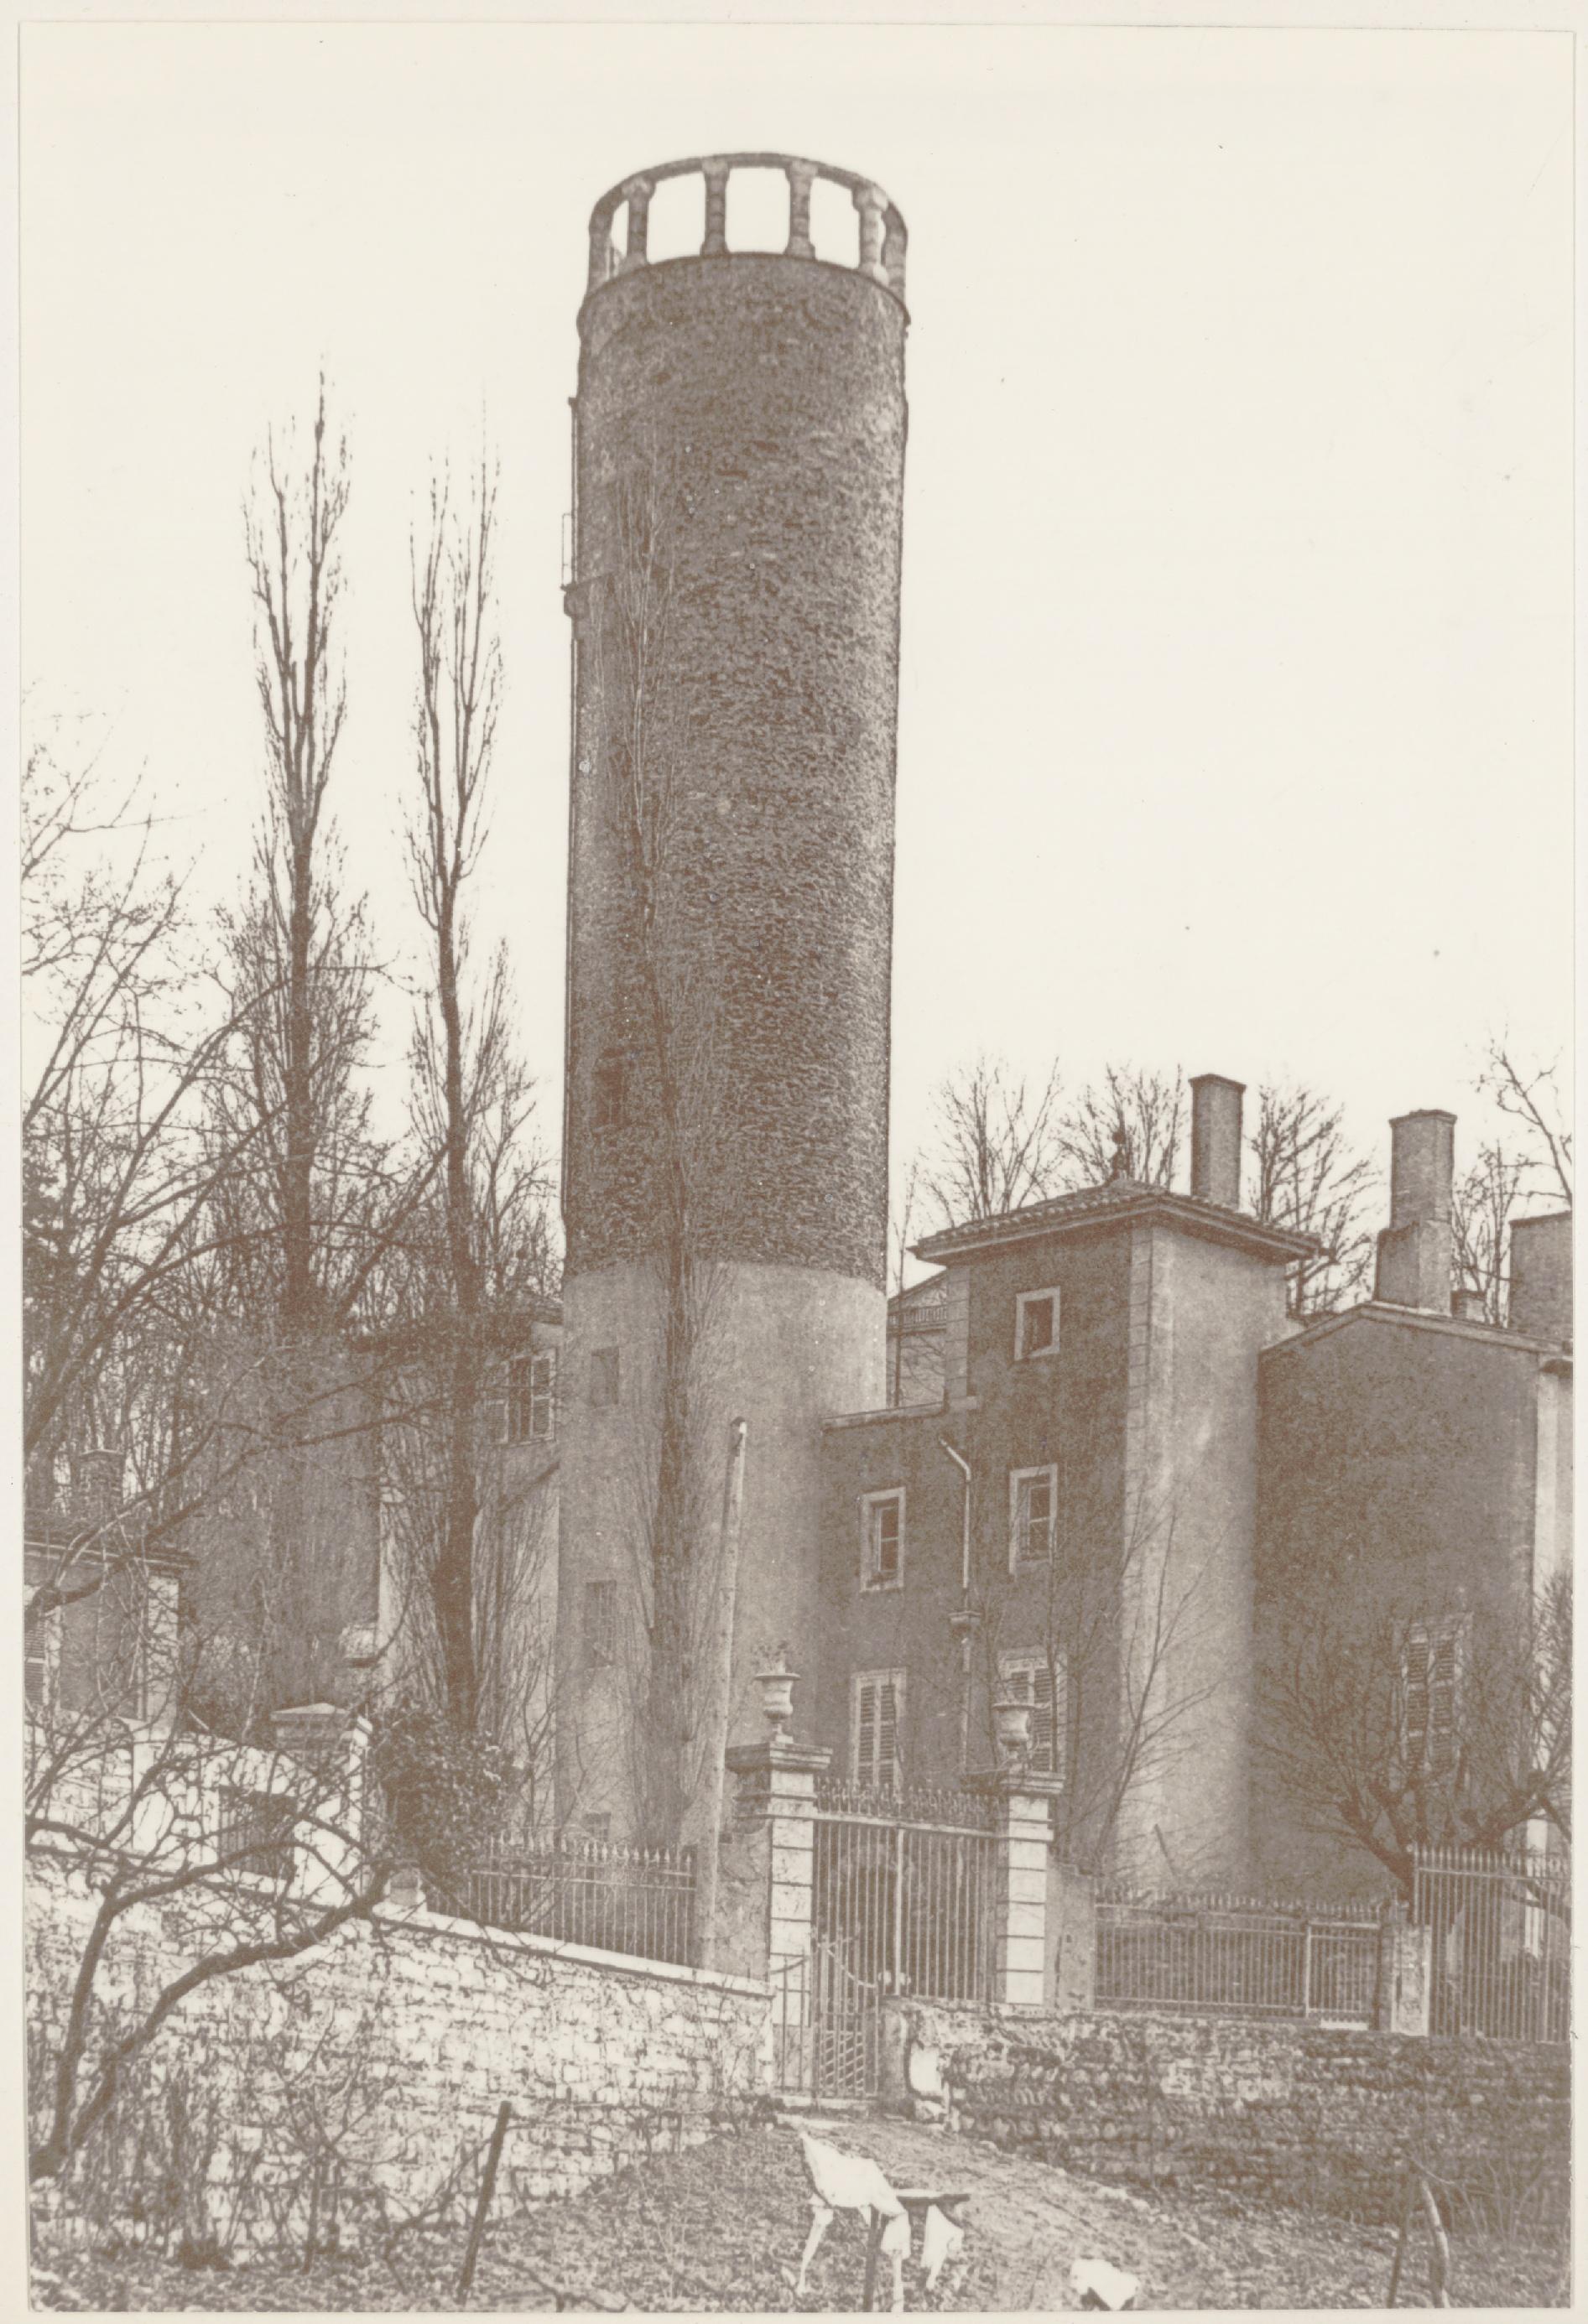 Photographes en rh ne alpes la tour de la belle allemande au d but du xxe s - Debut du 20eme siecle ...